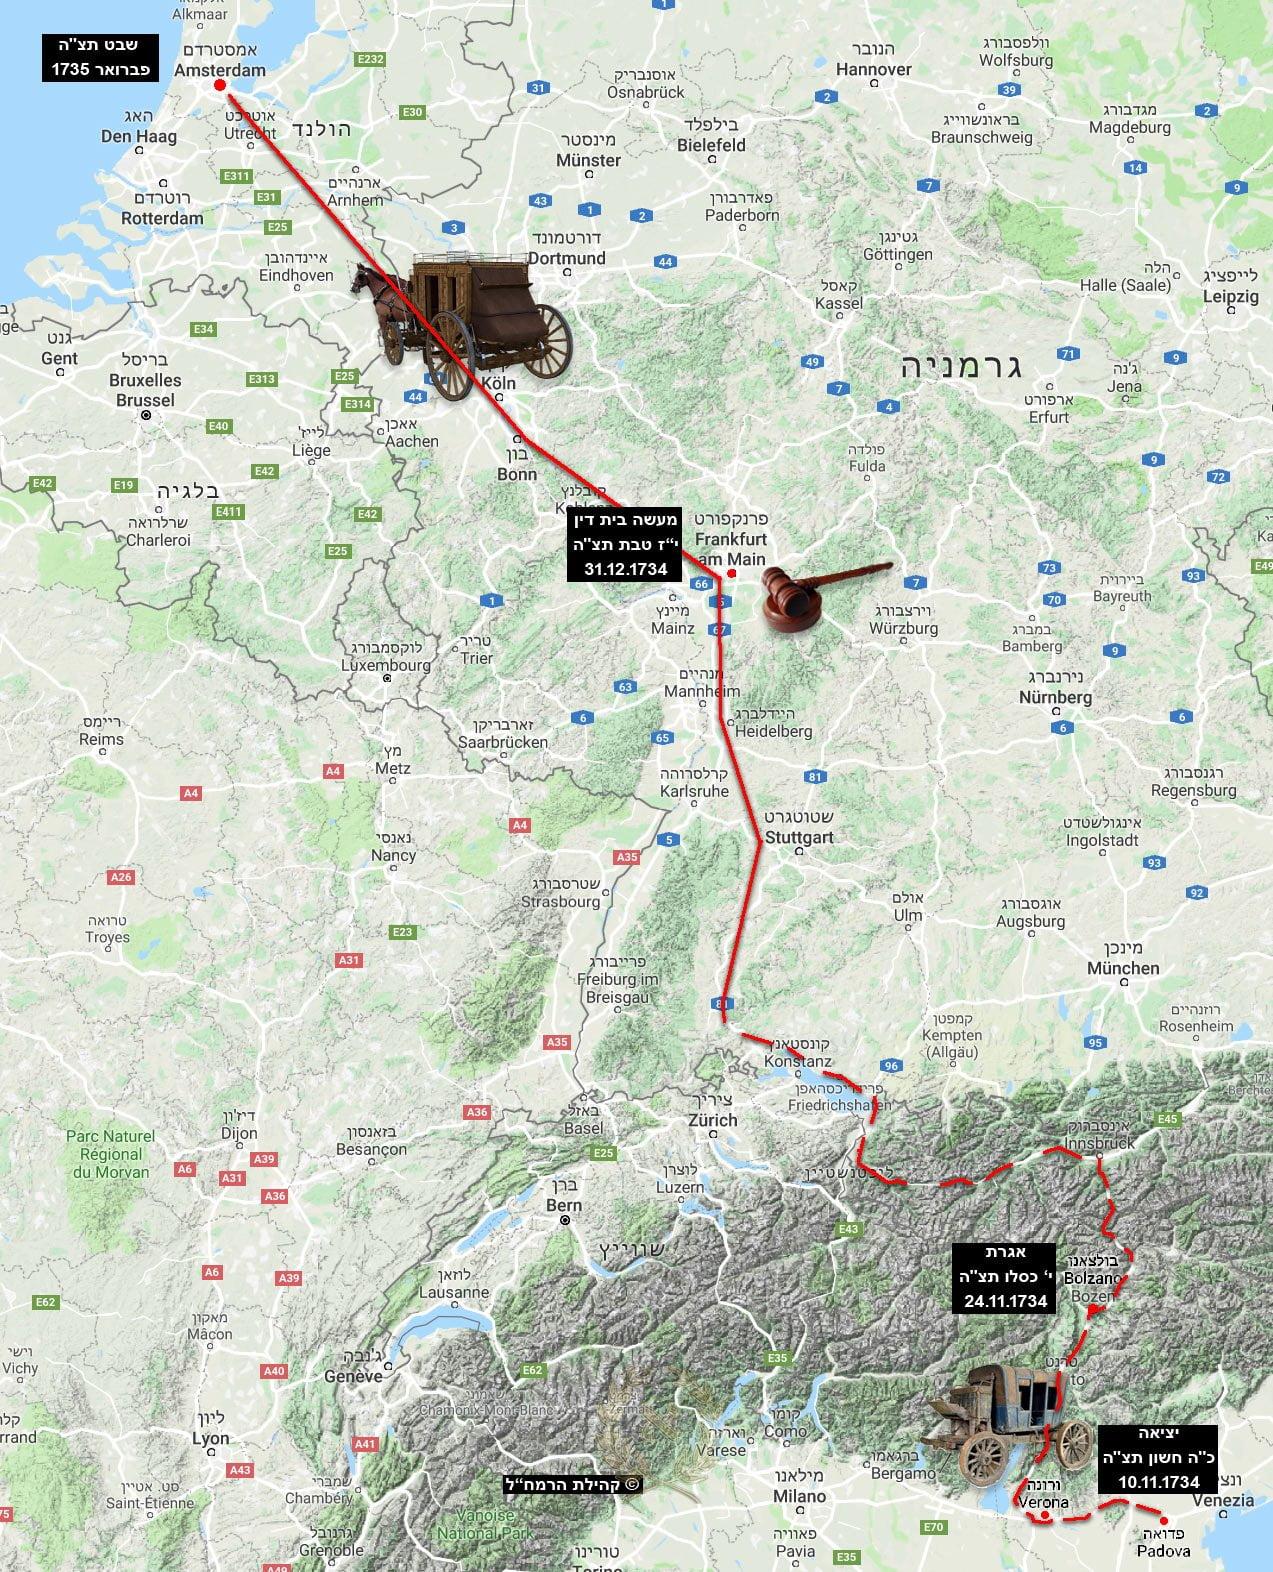 מפת מסעו של הרמחל מאטליה פאדובה לאמסטרדם הולנד